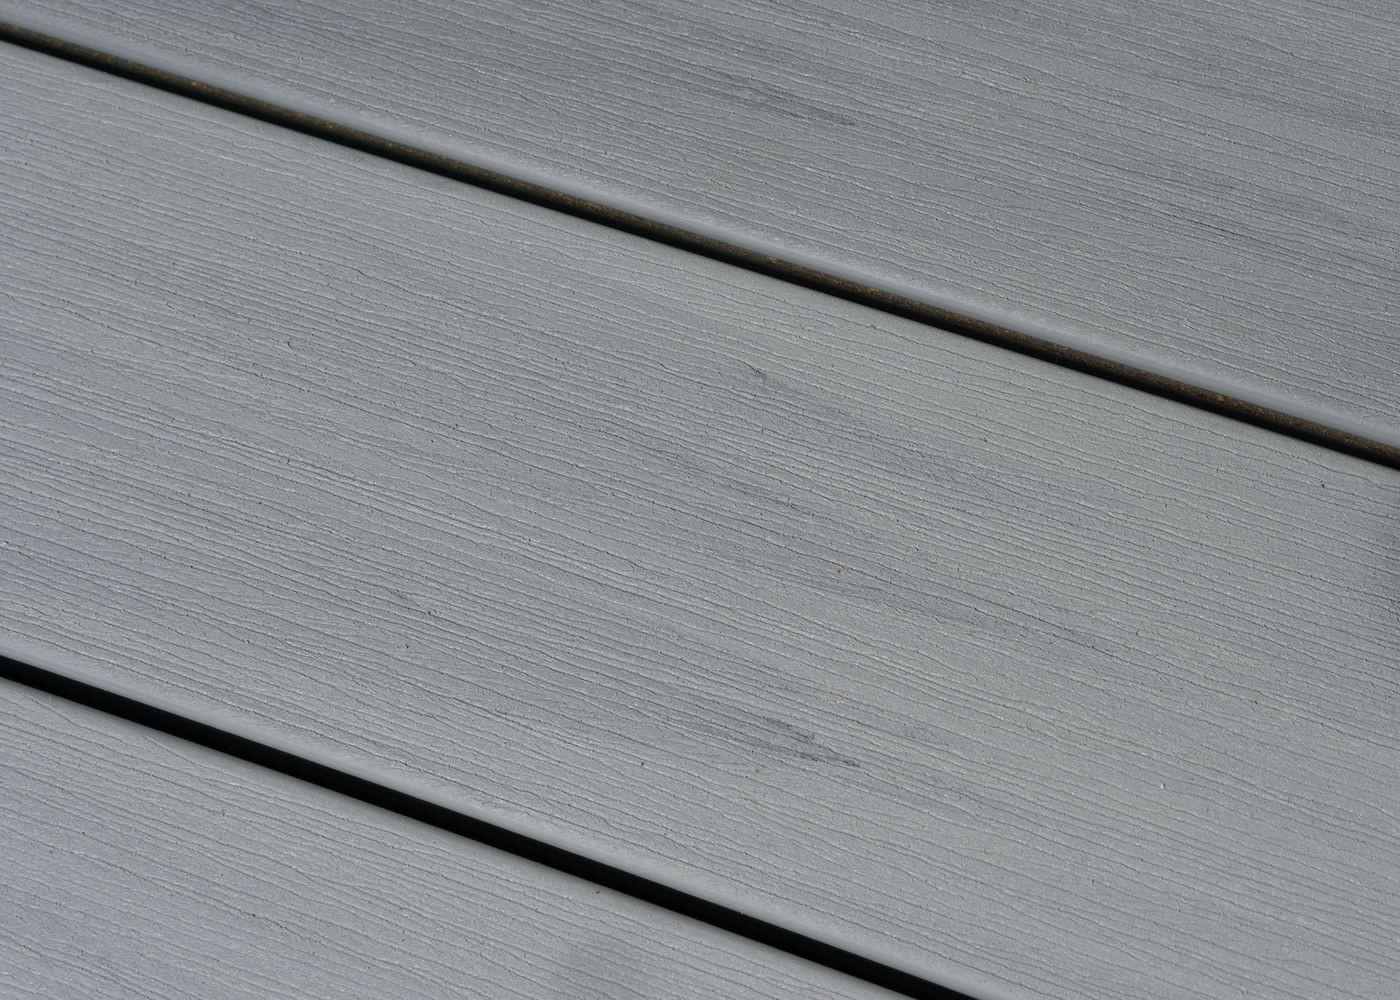 Lame de terrasse bois composite co-extrudé brossé PEFC Gris Belem 23x138x4000